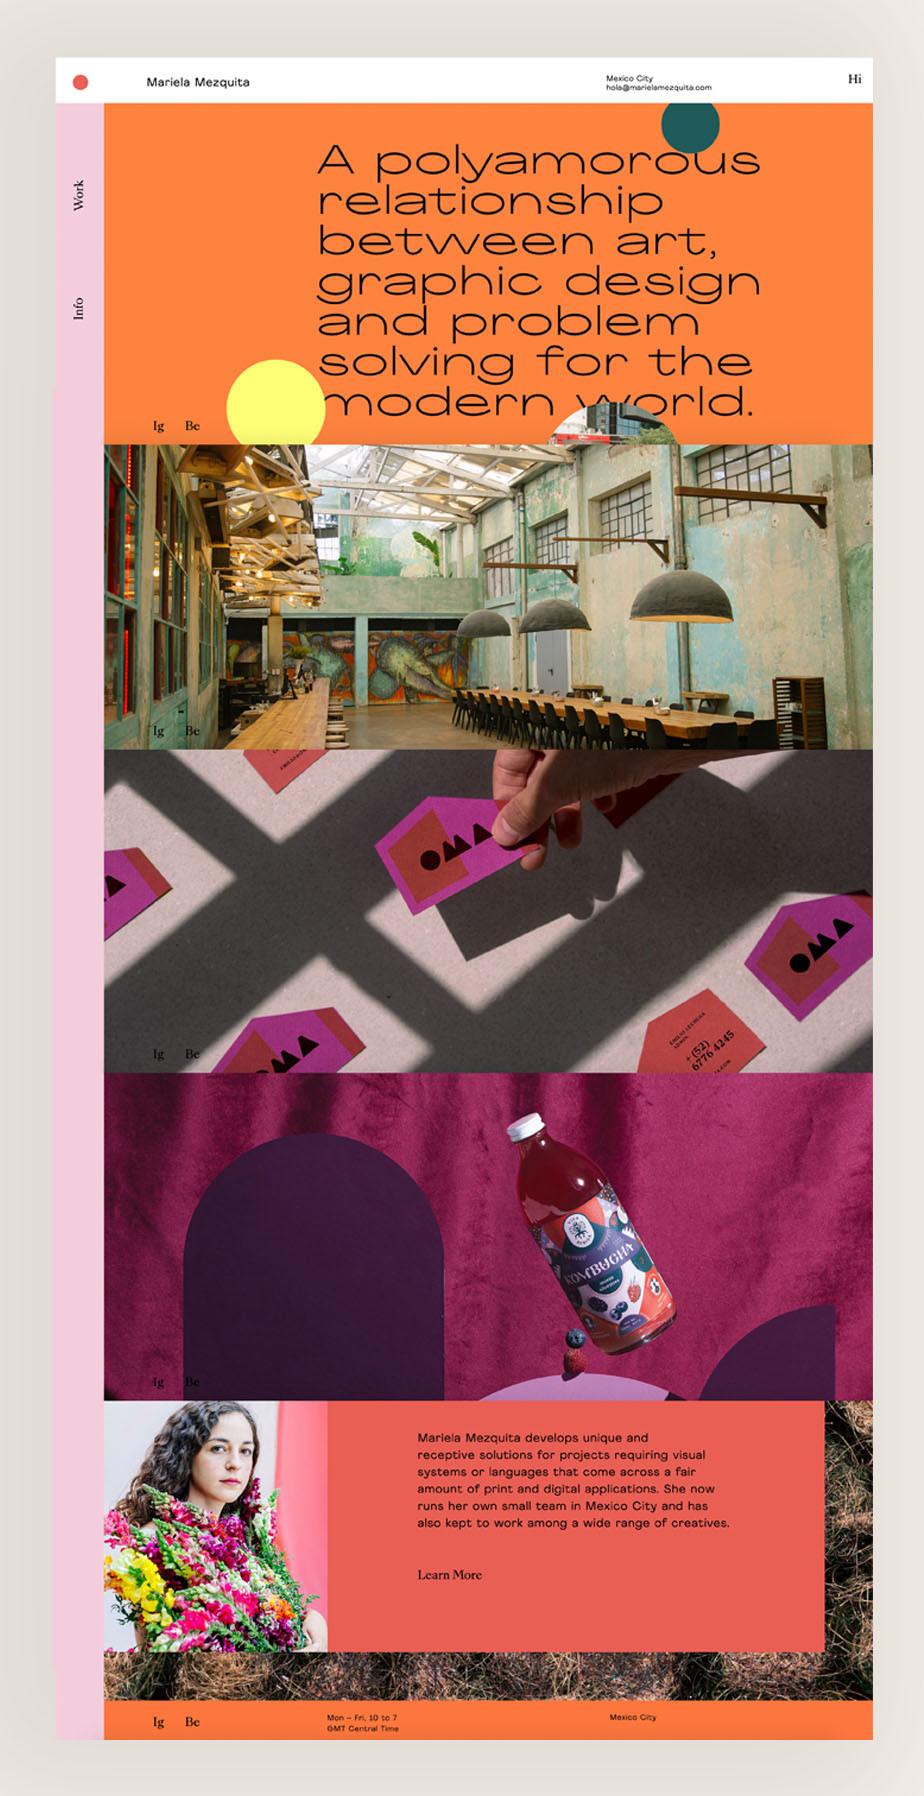 web site örnekleri: mariela mezquita